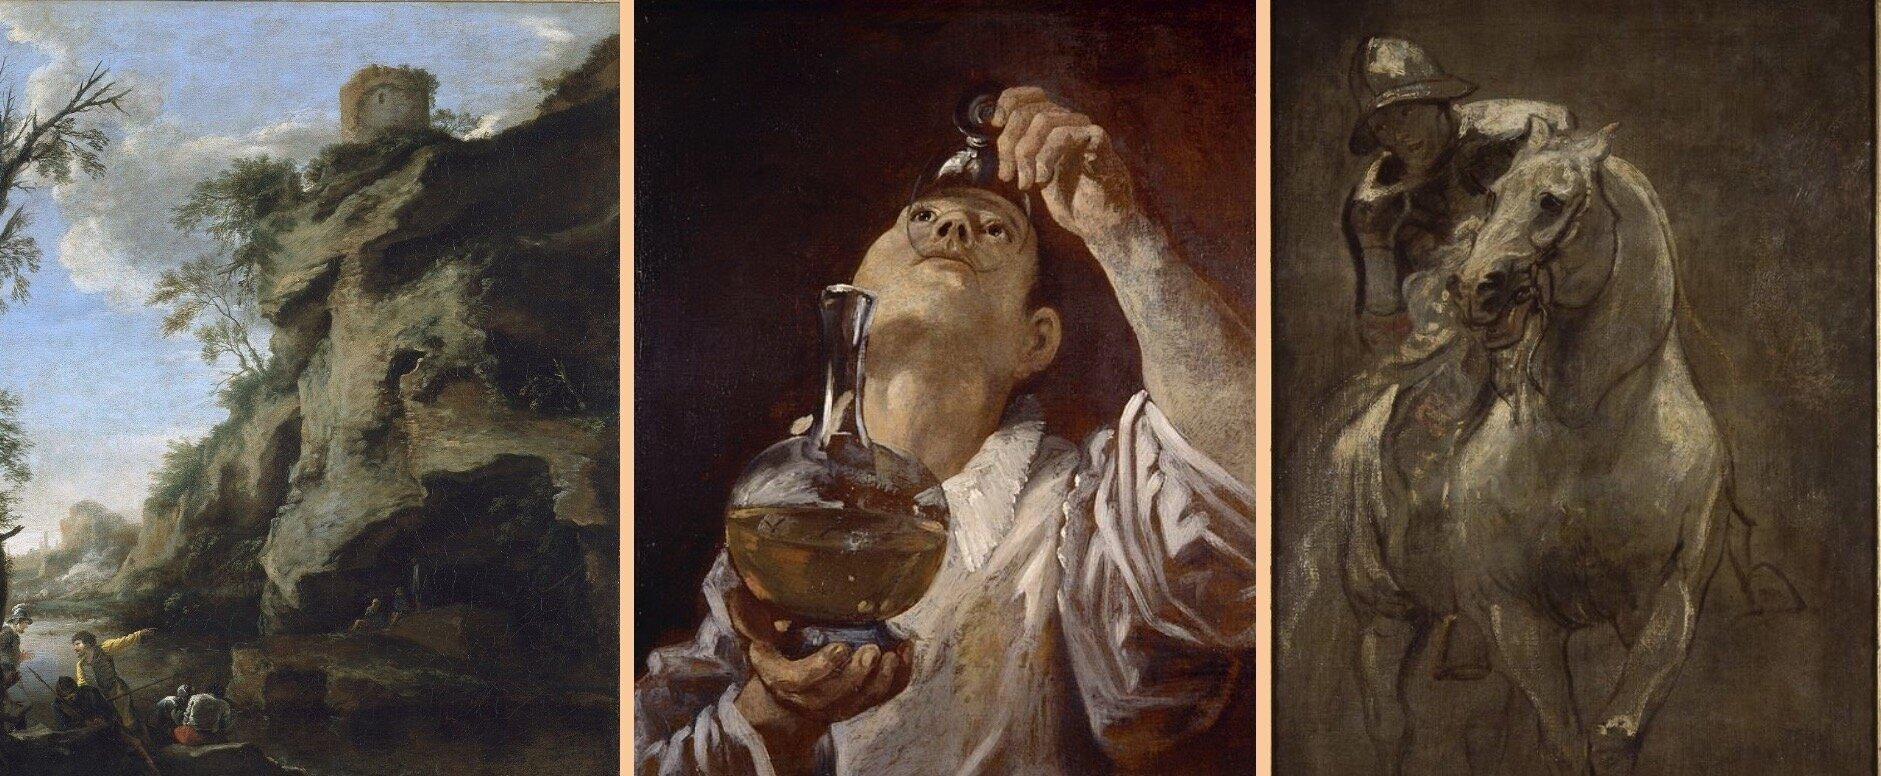 З галереї Оксфордського університету викрали 3 картини